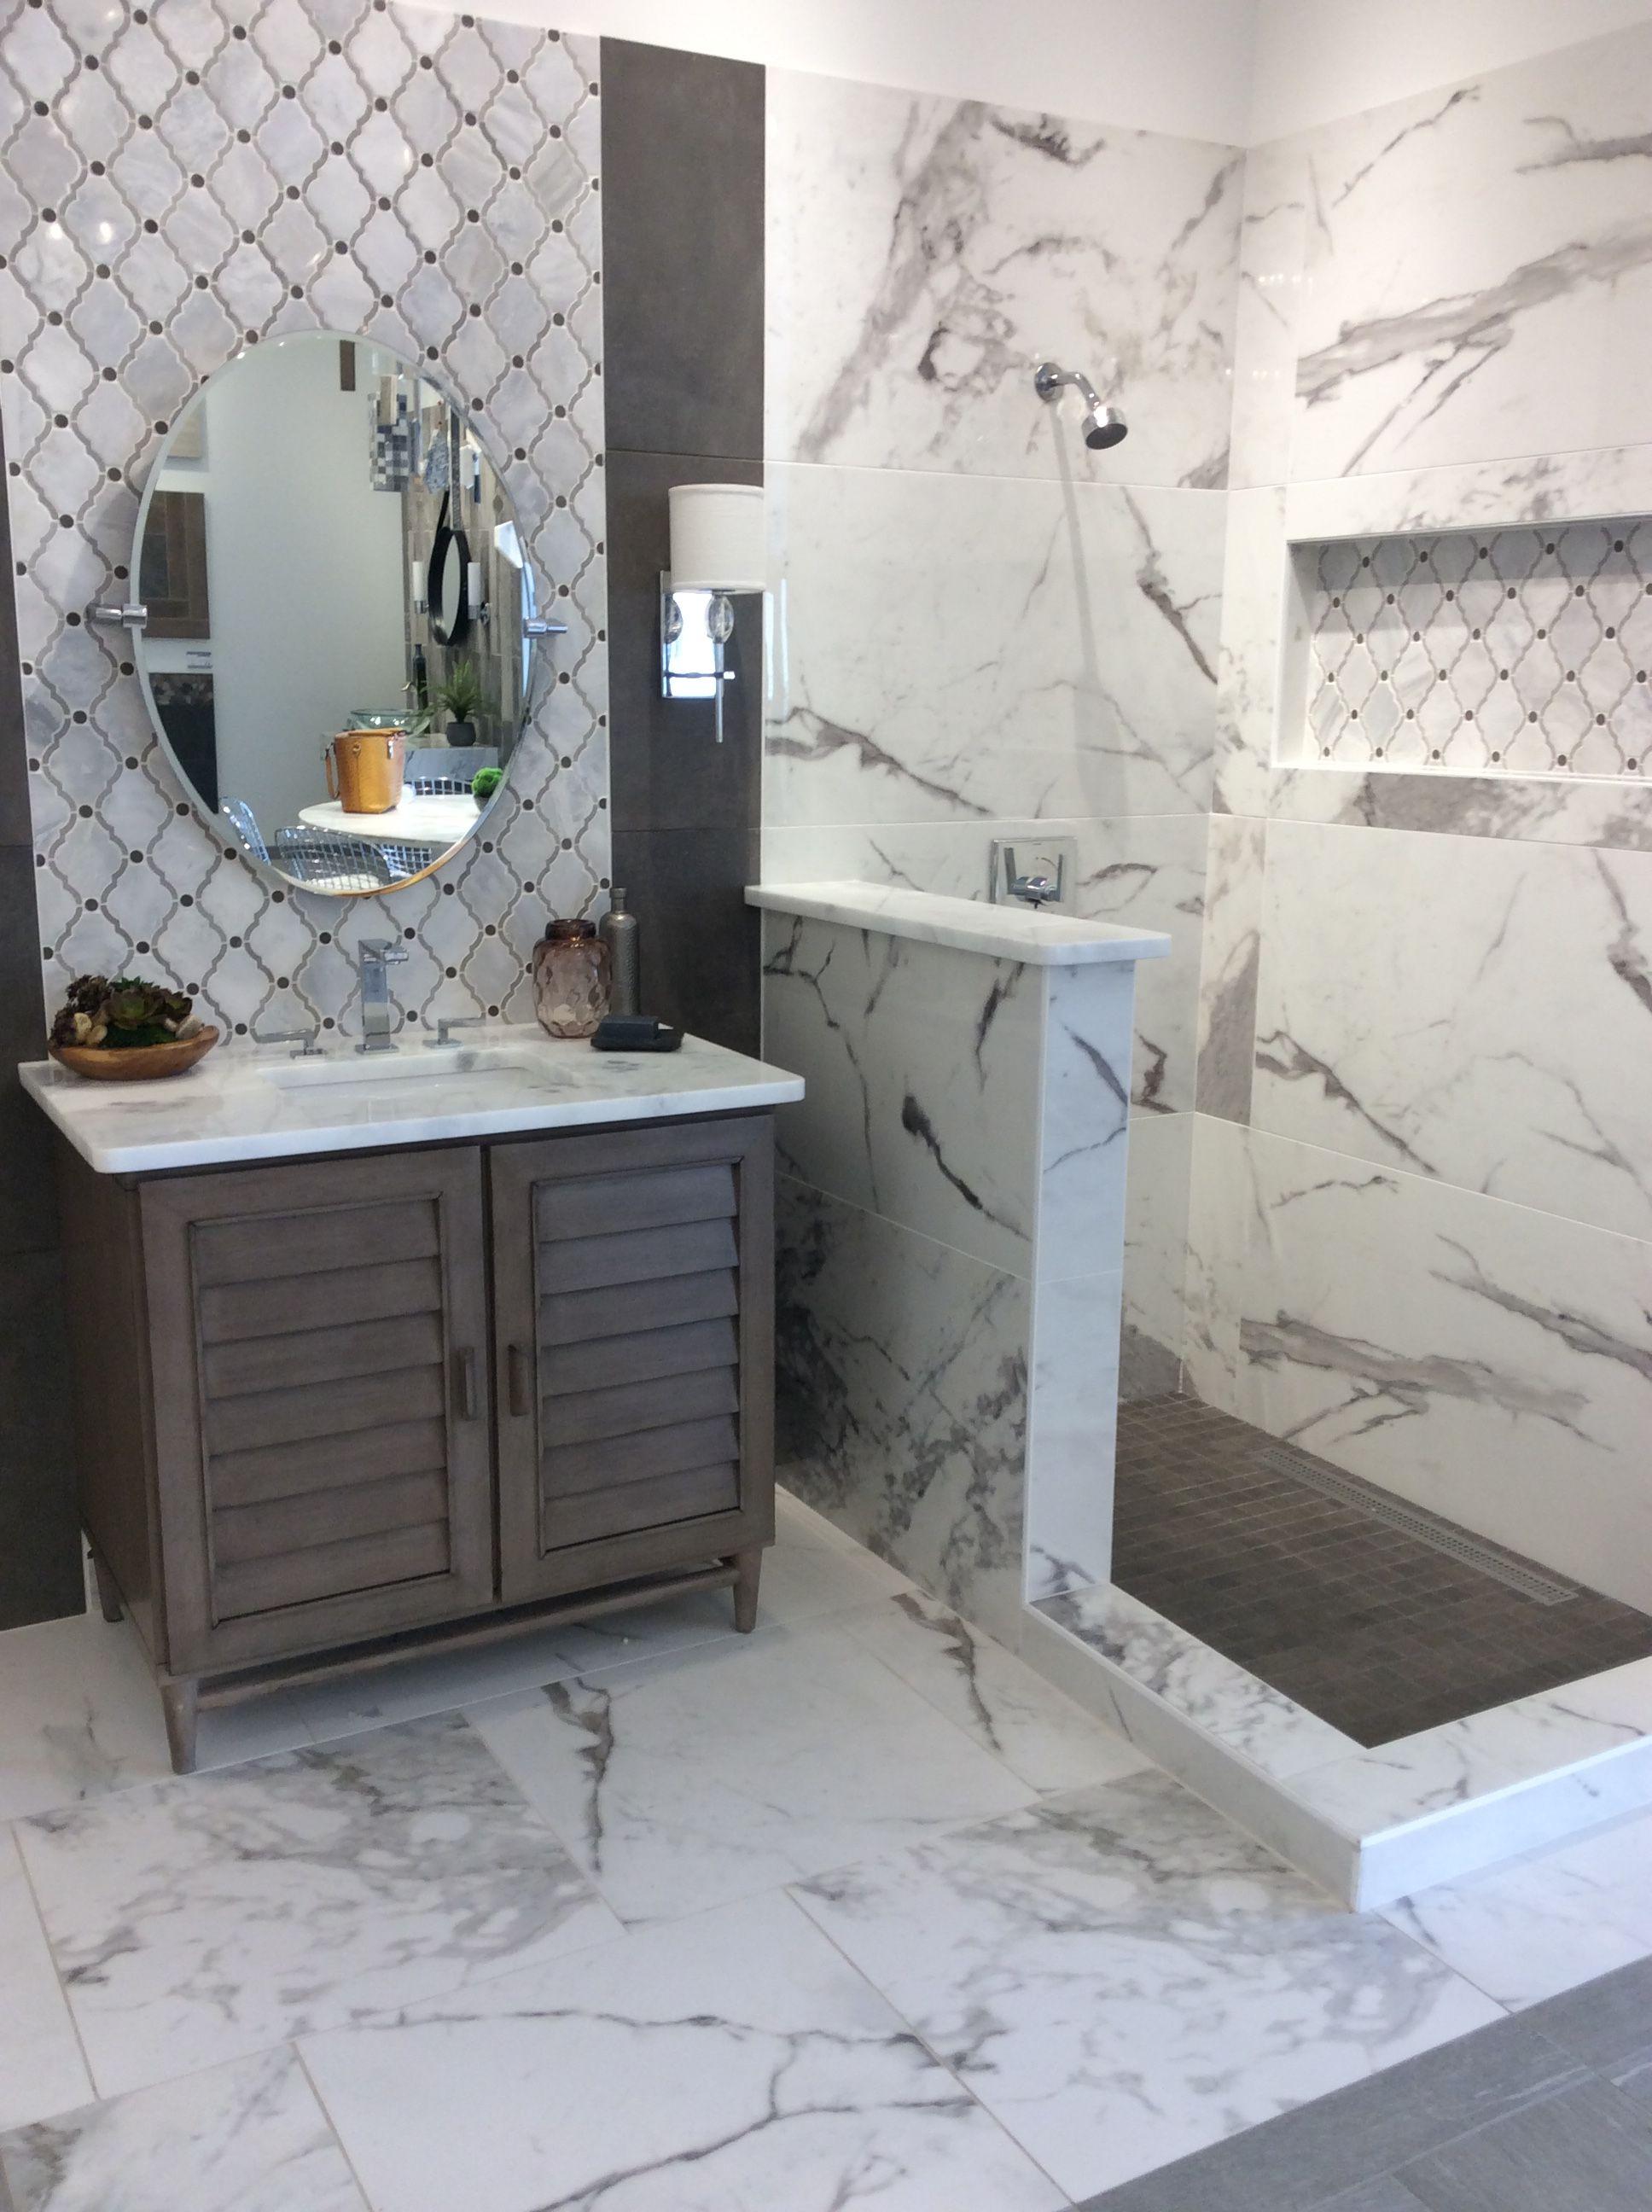 Swell Daltile Marble Attache Ma87 Calcutta Nashville Tn Showroom Download Free Architecture Designs Scobabritishbridgeorg